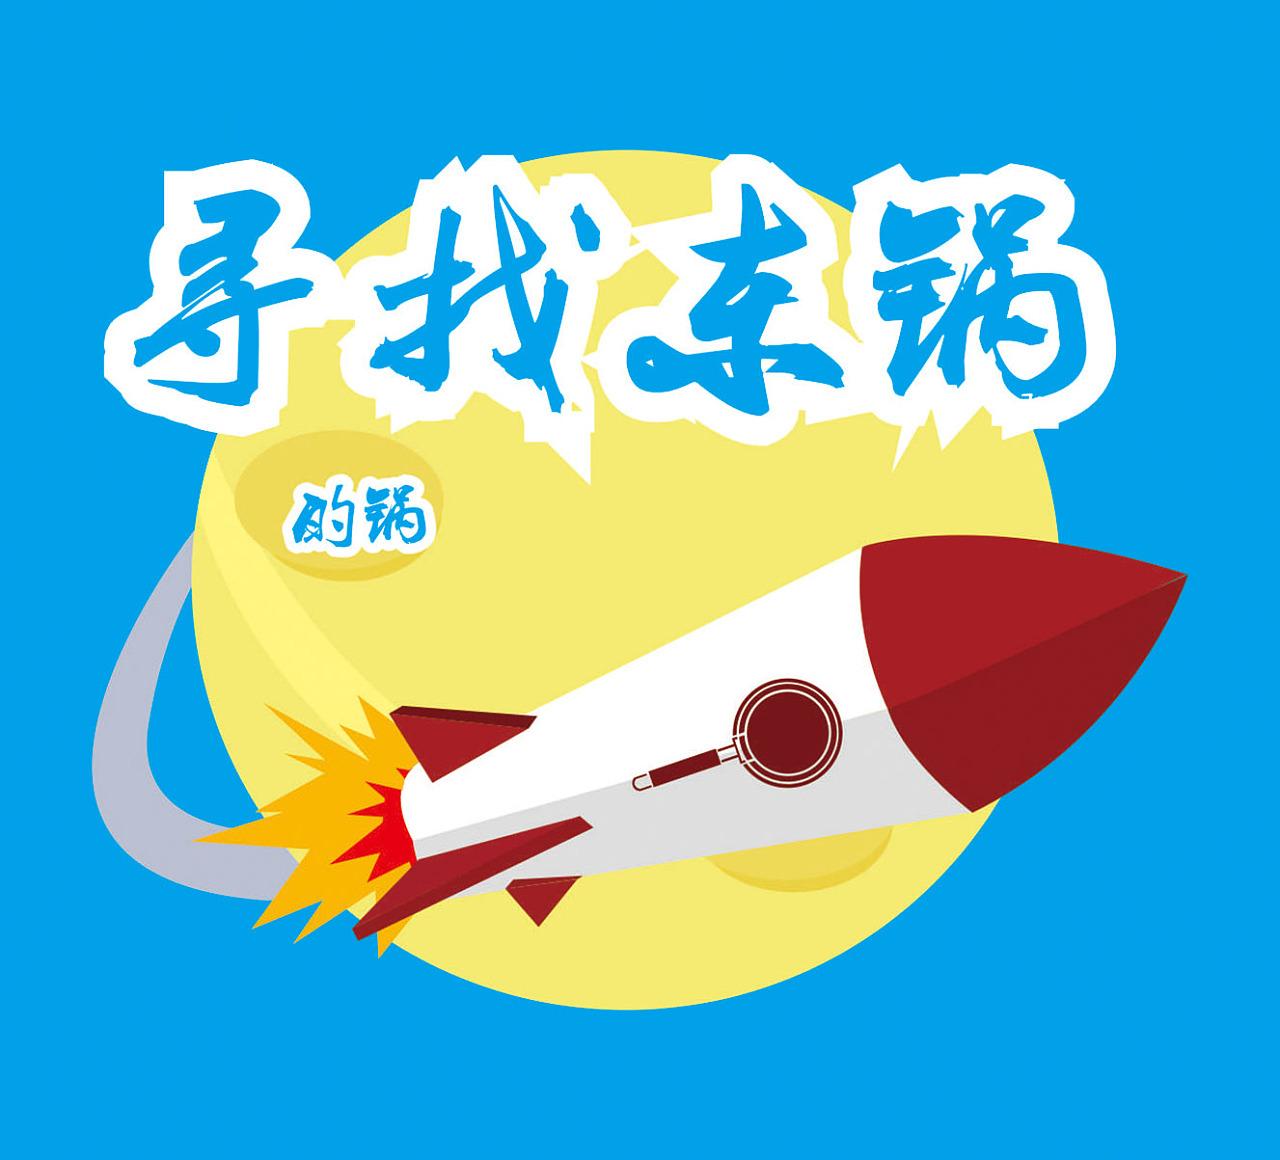 国庆火箭手工制作